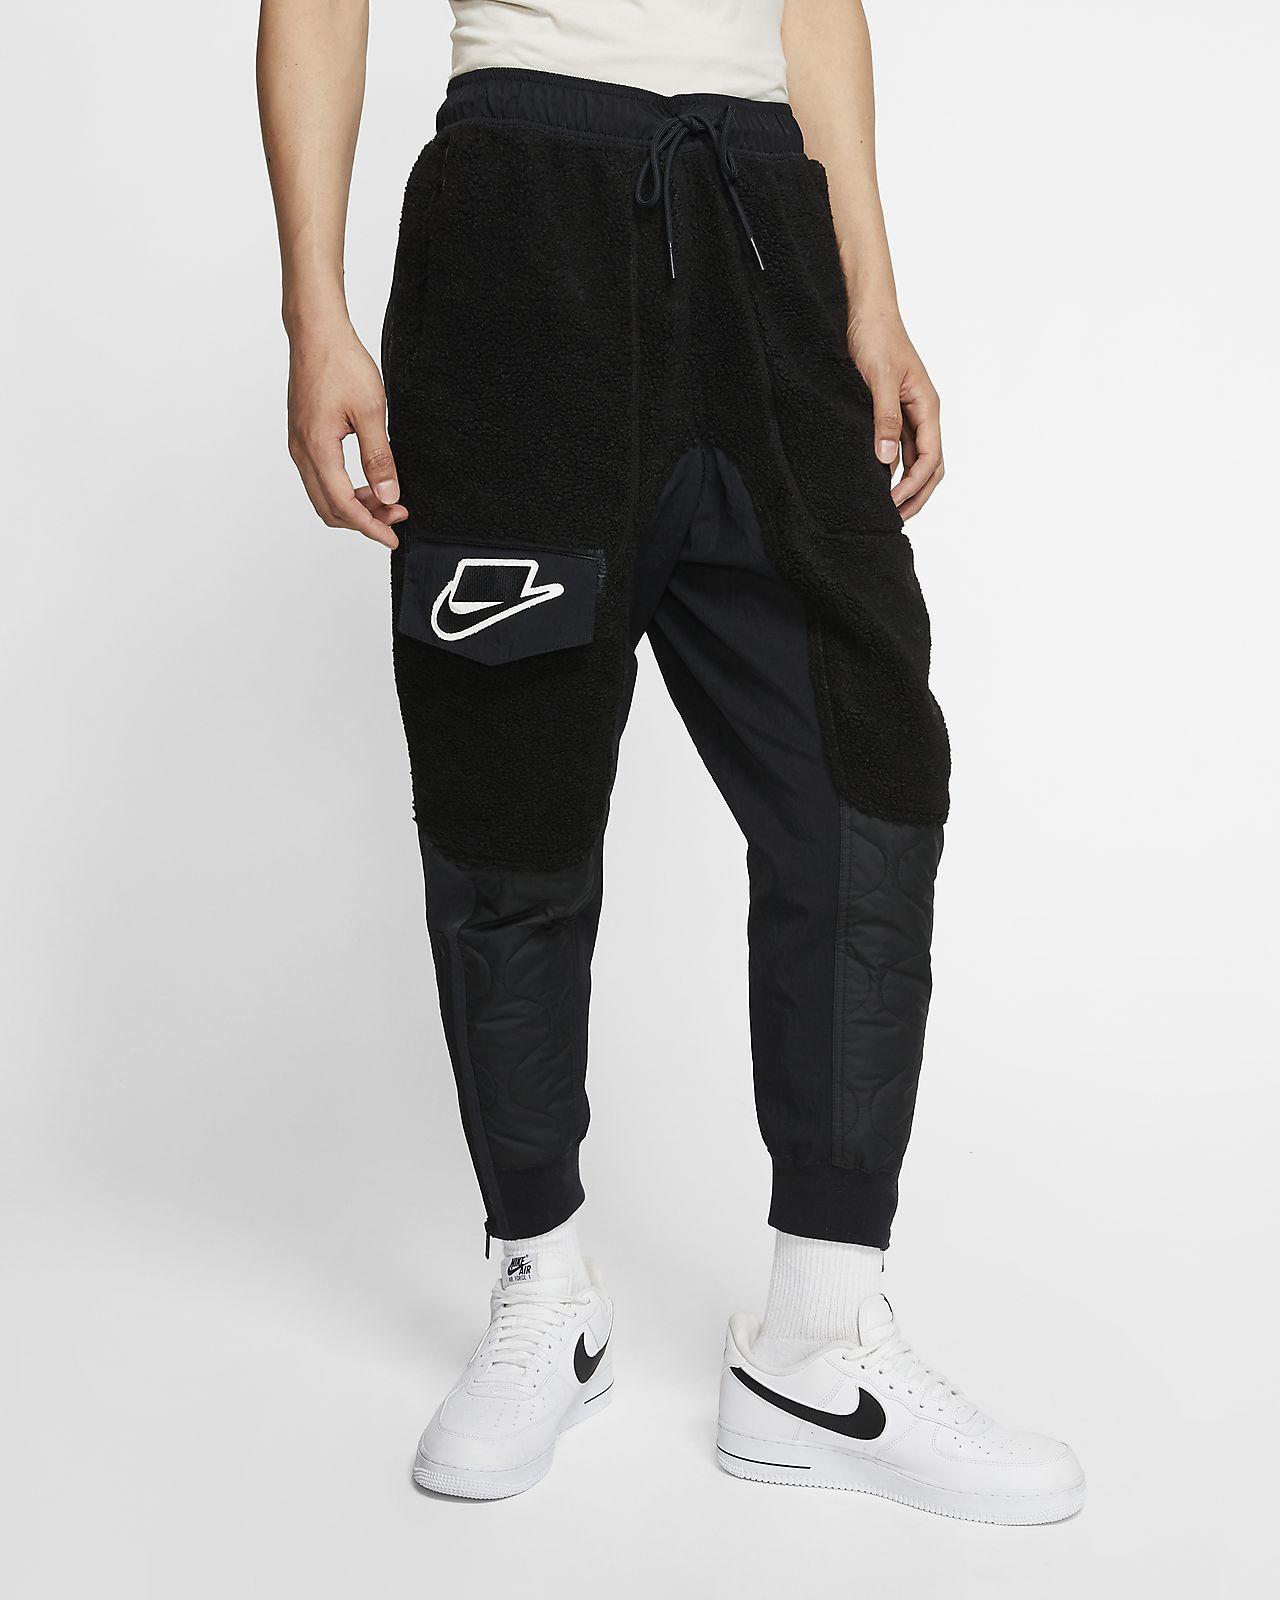 Nike Sportswear NSW Jogger - Hombre